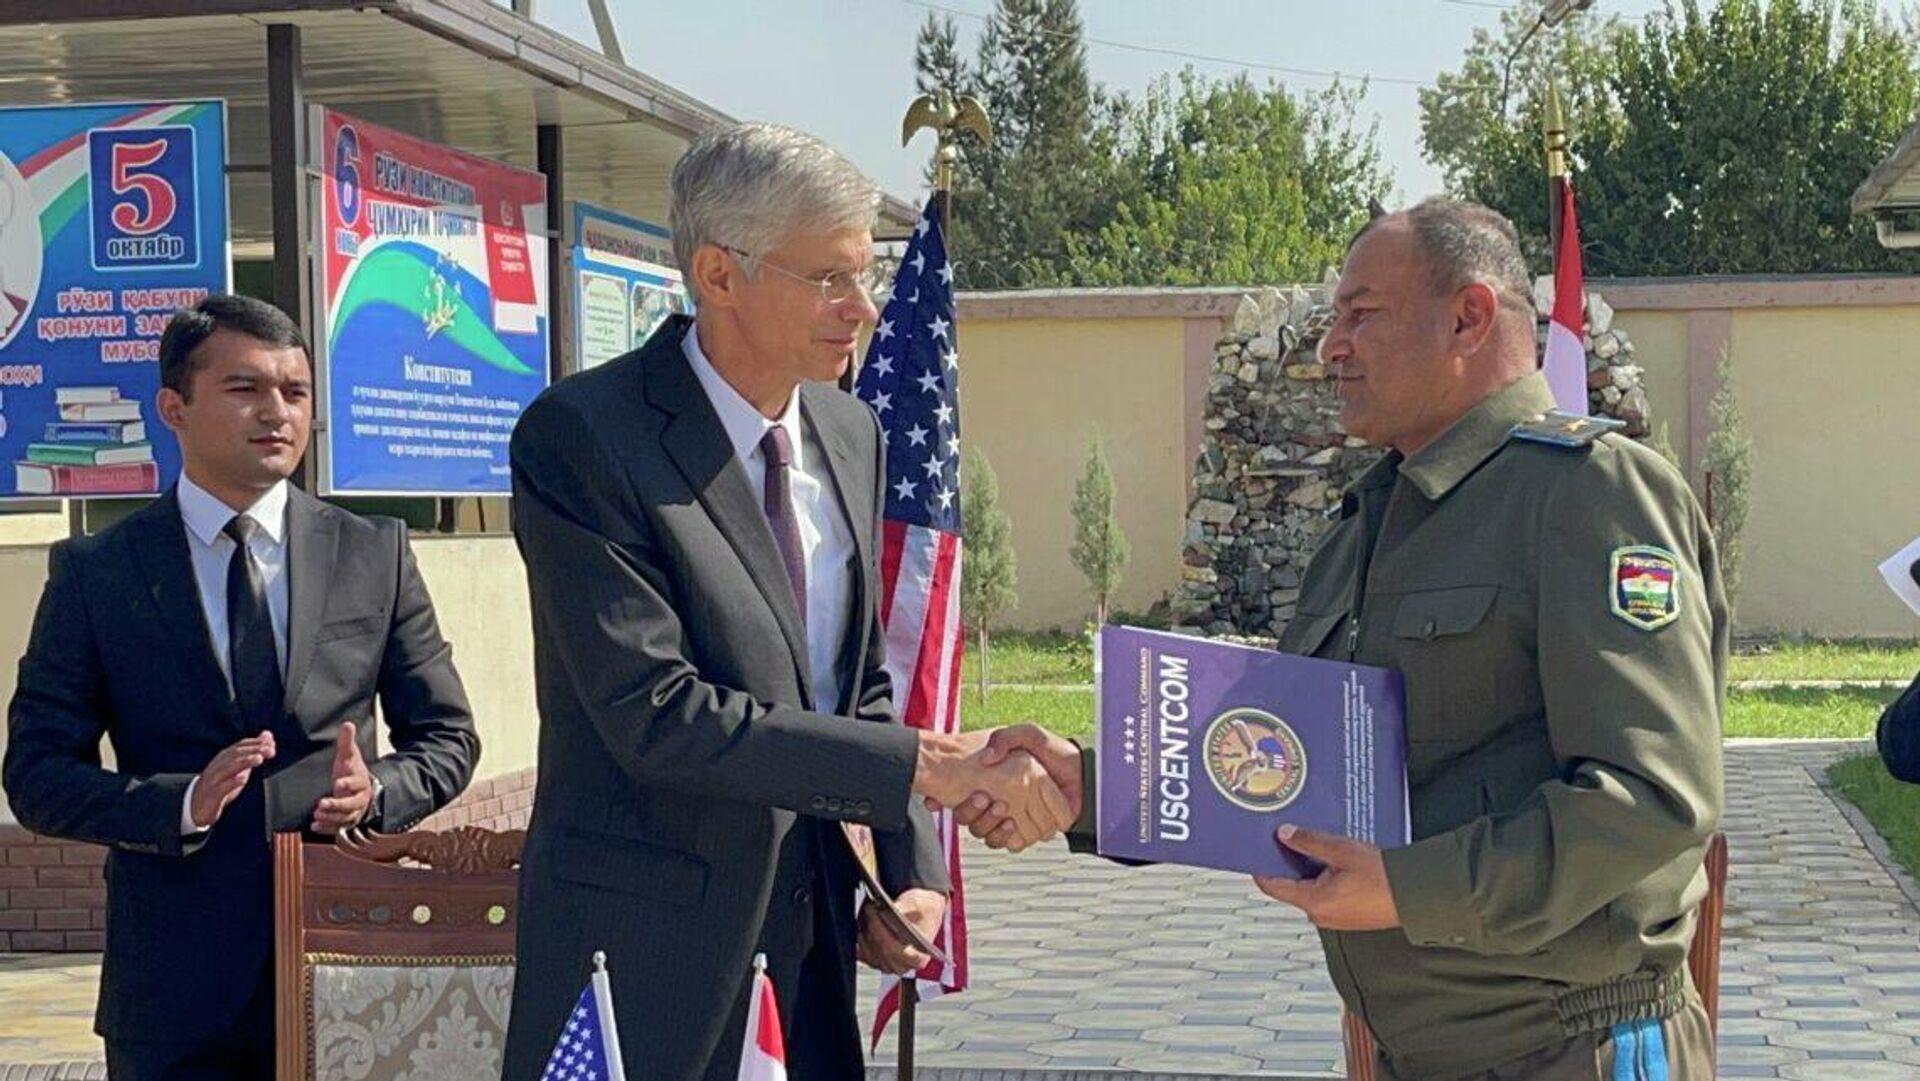 МО Таджикистана получило от США 20 джипов для операций в приграничных районах - Sputnik Тоҷикистон, 1920, 06.10.2021